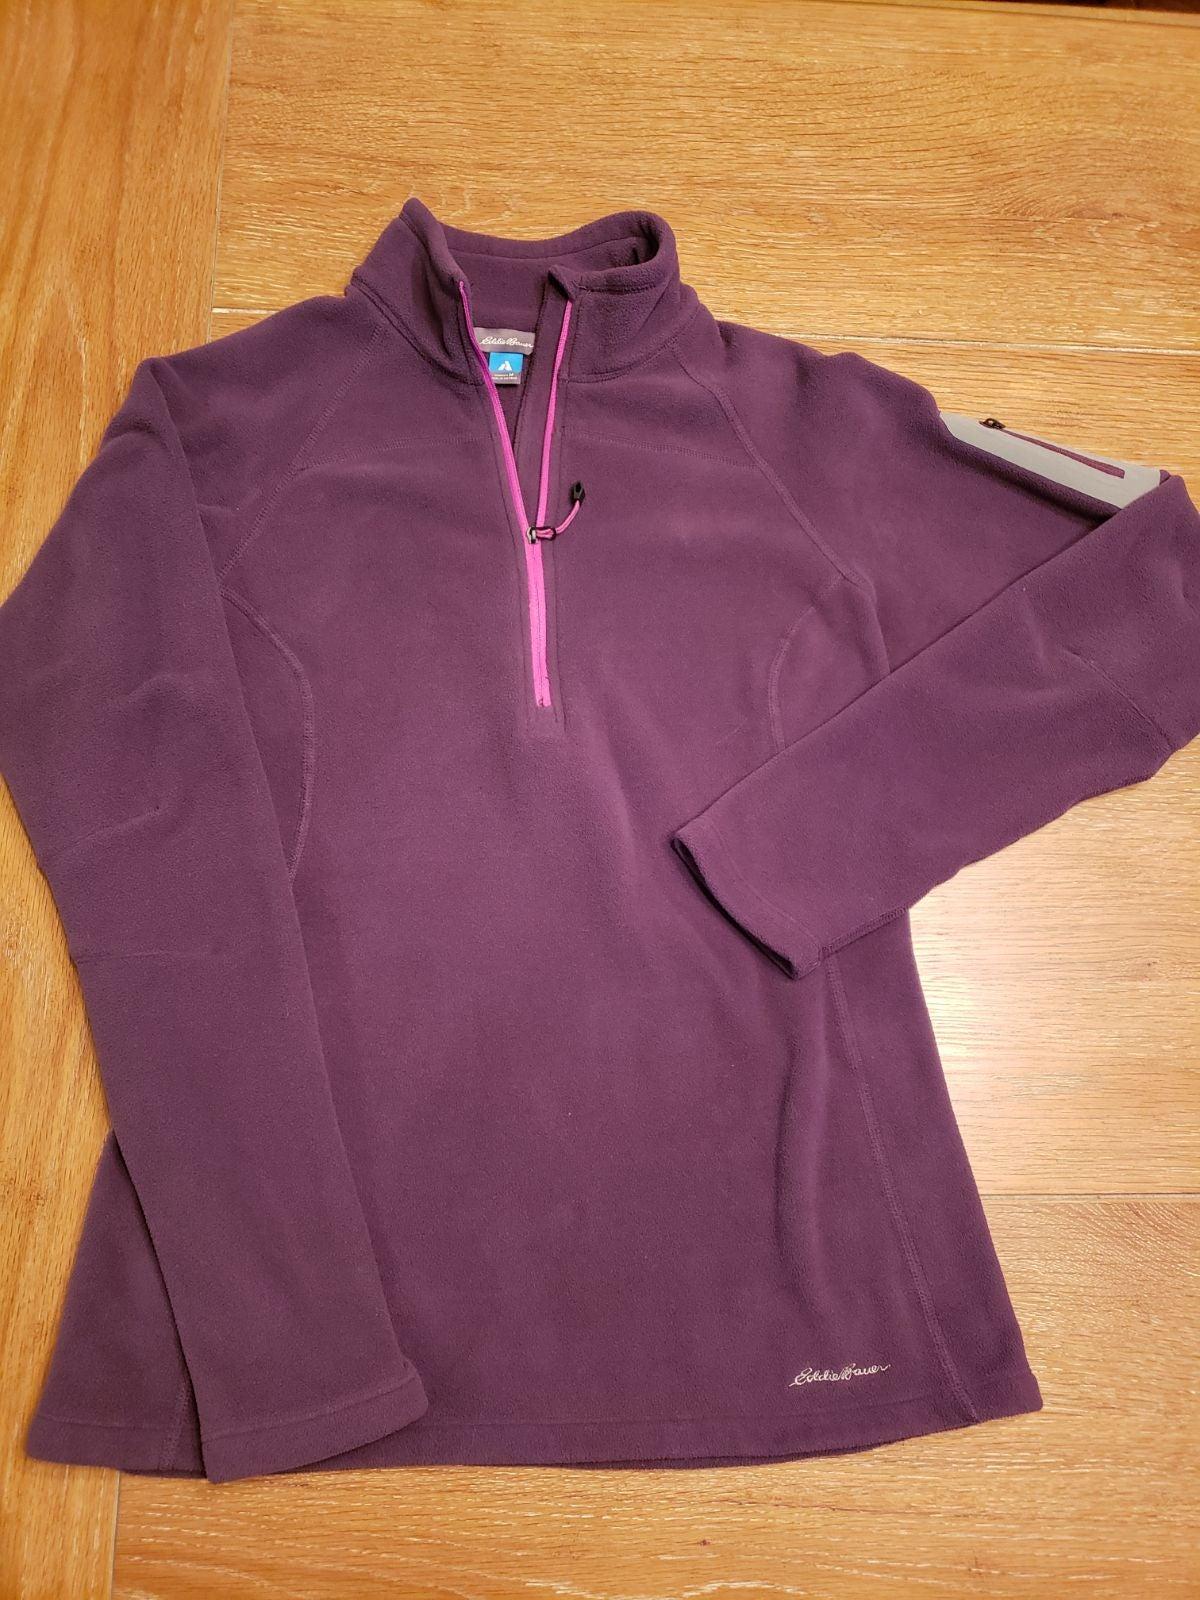 EDDIE BAUER 1/4 front zip fleece jacket